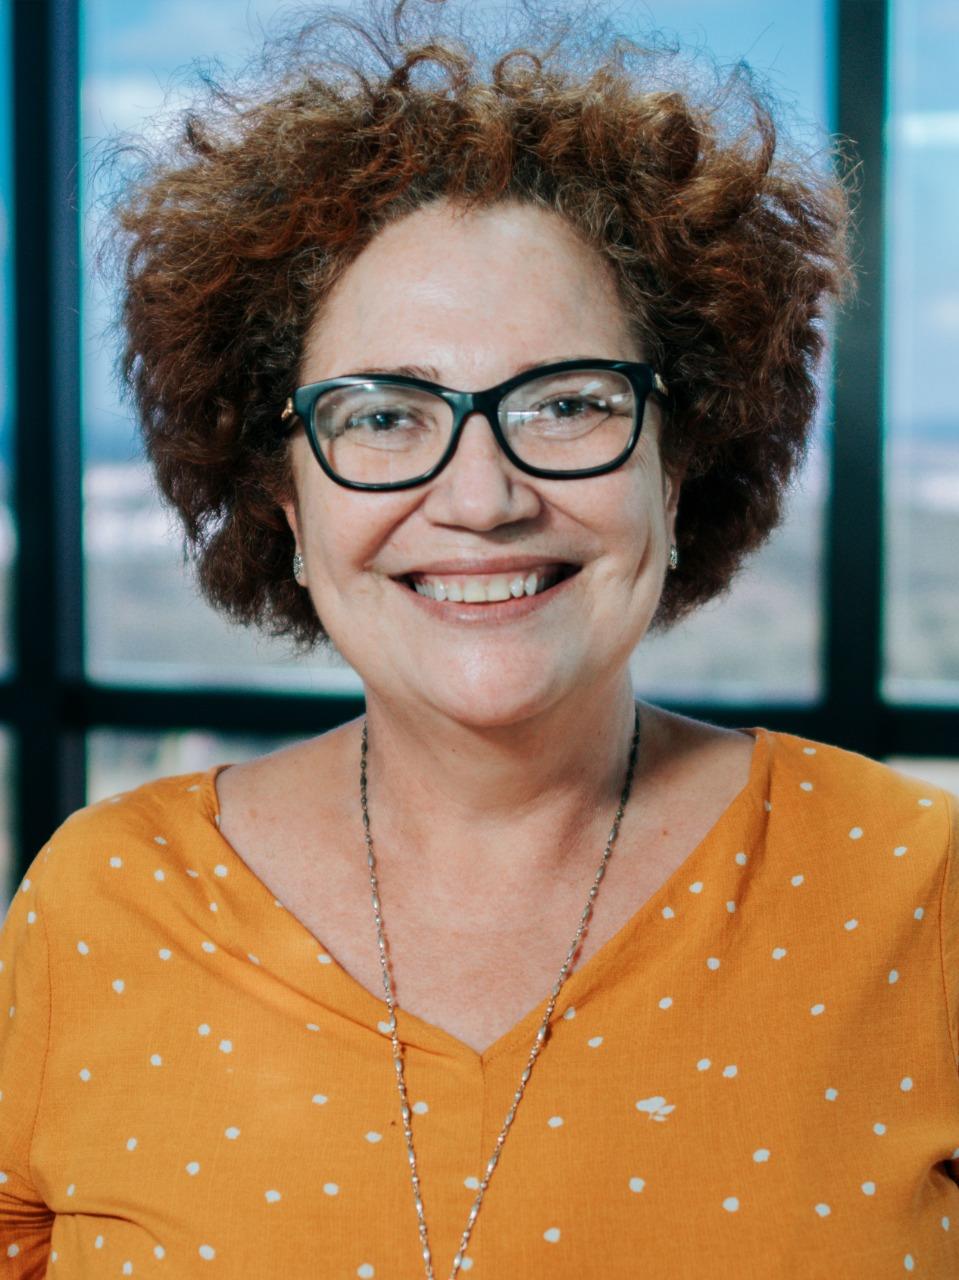 Teresa Cristina Ribeiro da Costa